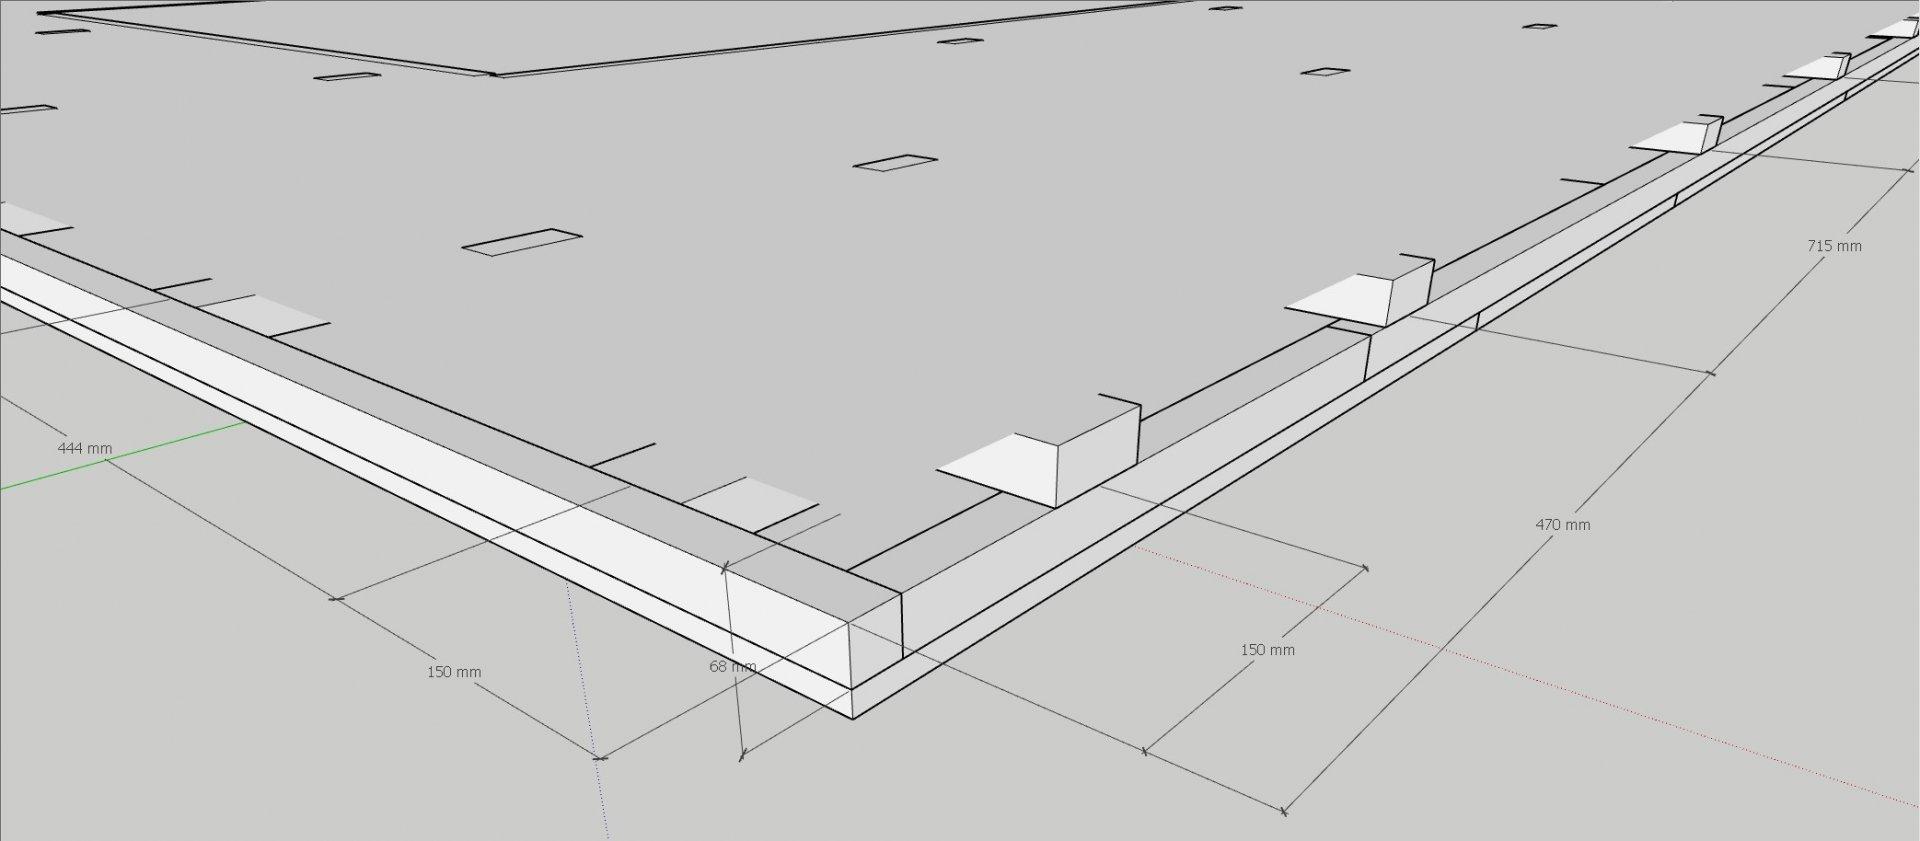 Planung Decke Abstände 1.jpg